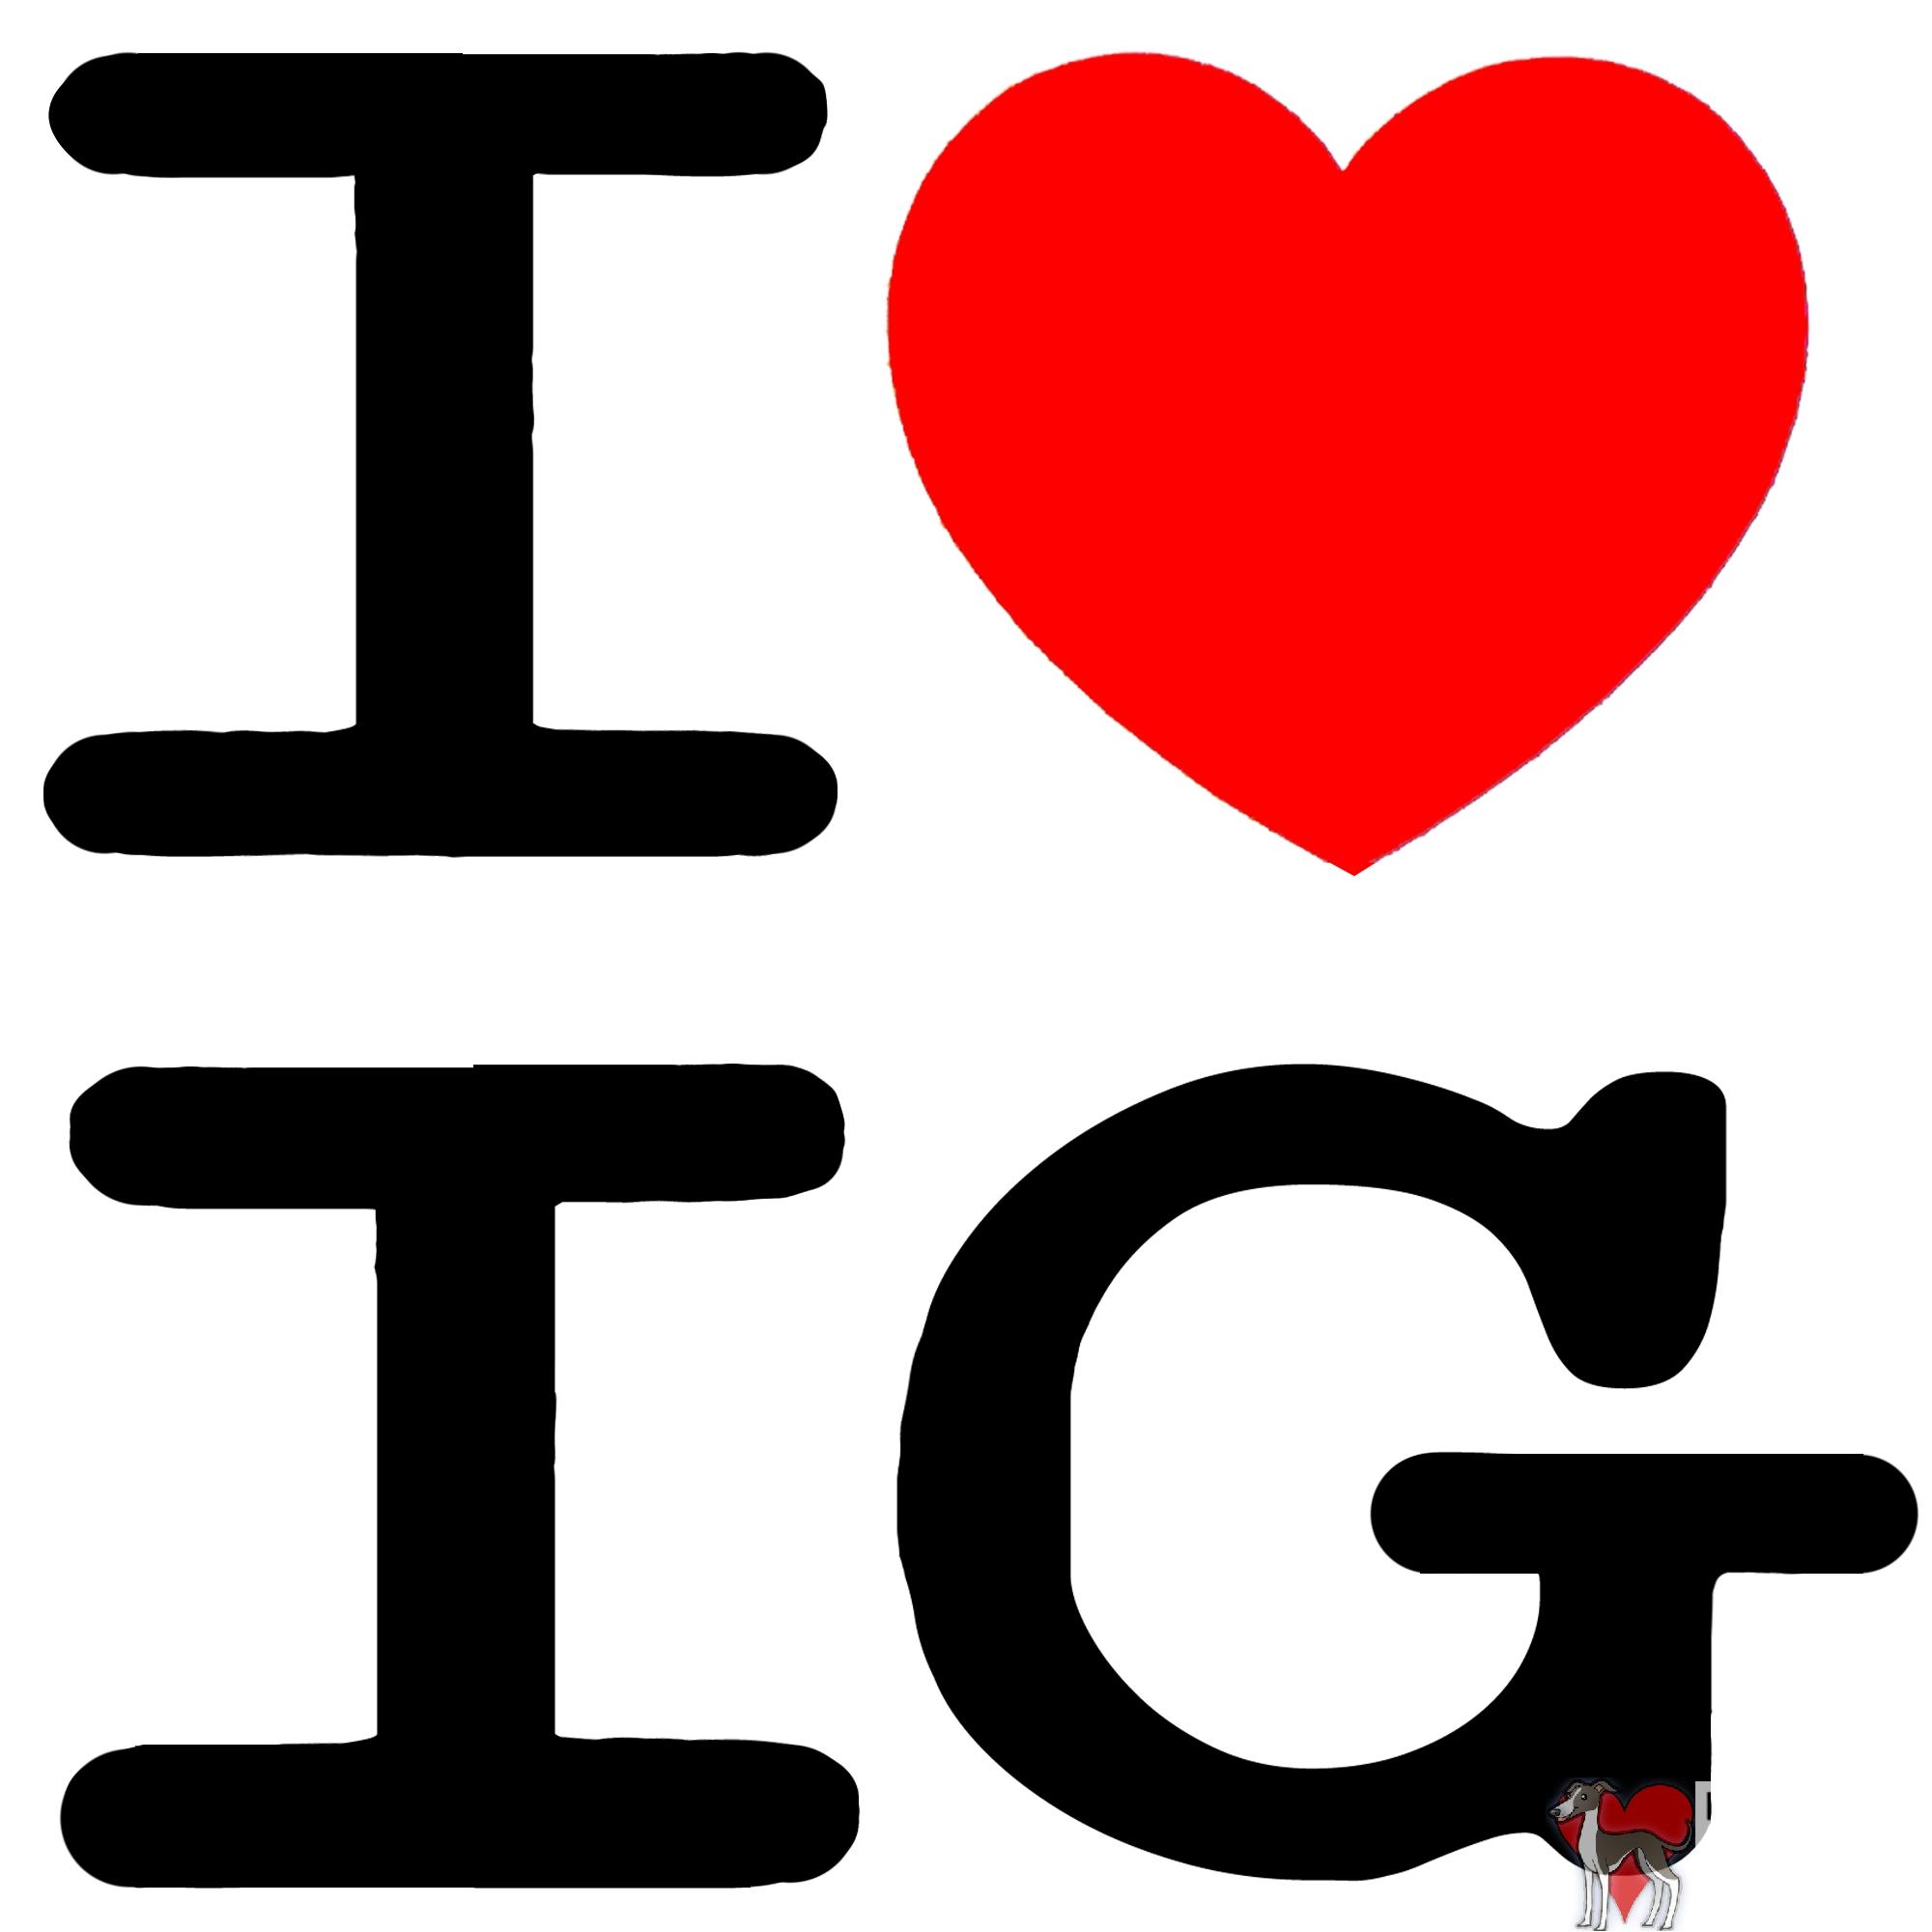 i heart IG, i love ig, i love iggys, i love italian greyhounds, italian greyhounds, shirt